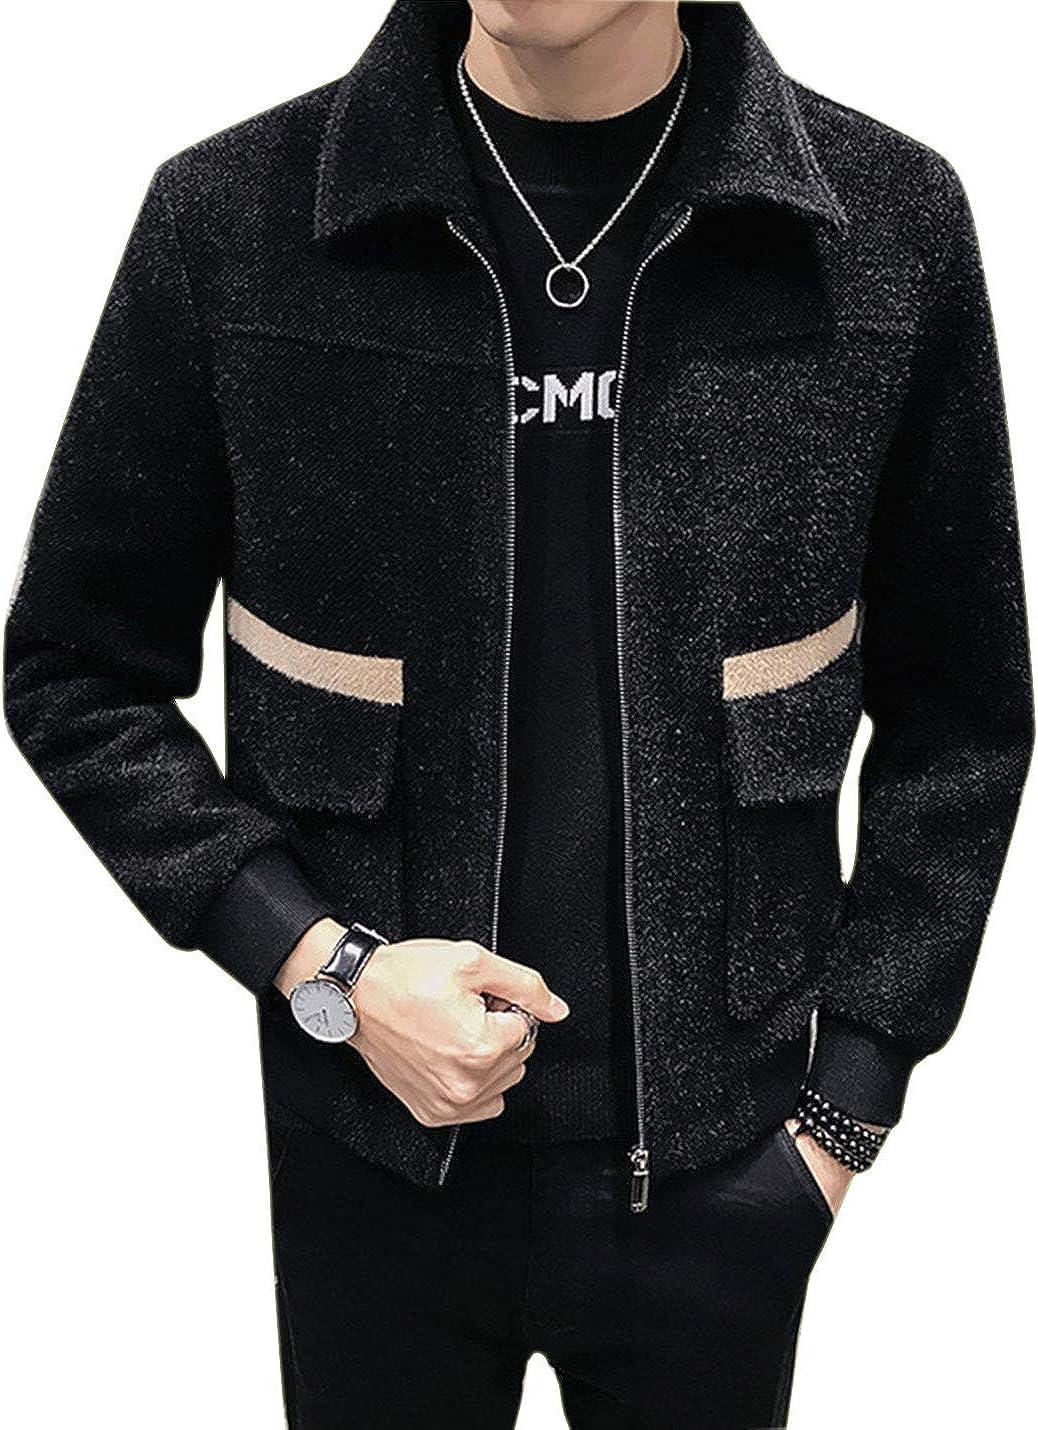 Omoone Men's Loose Long Sleeve Single Breasted Wool Blend Cozy Jacket Coat